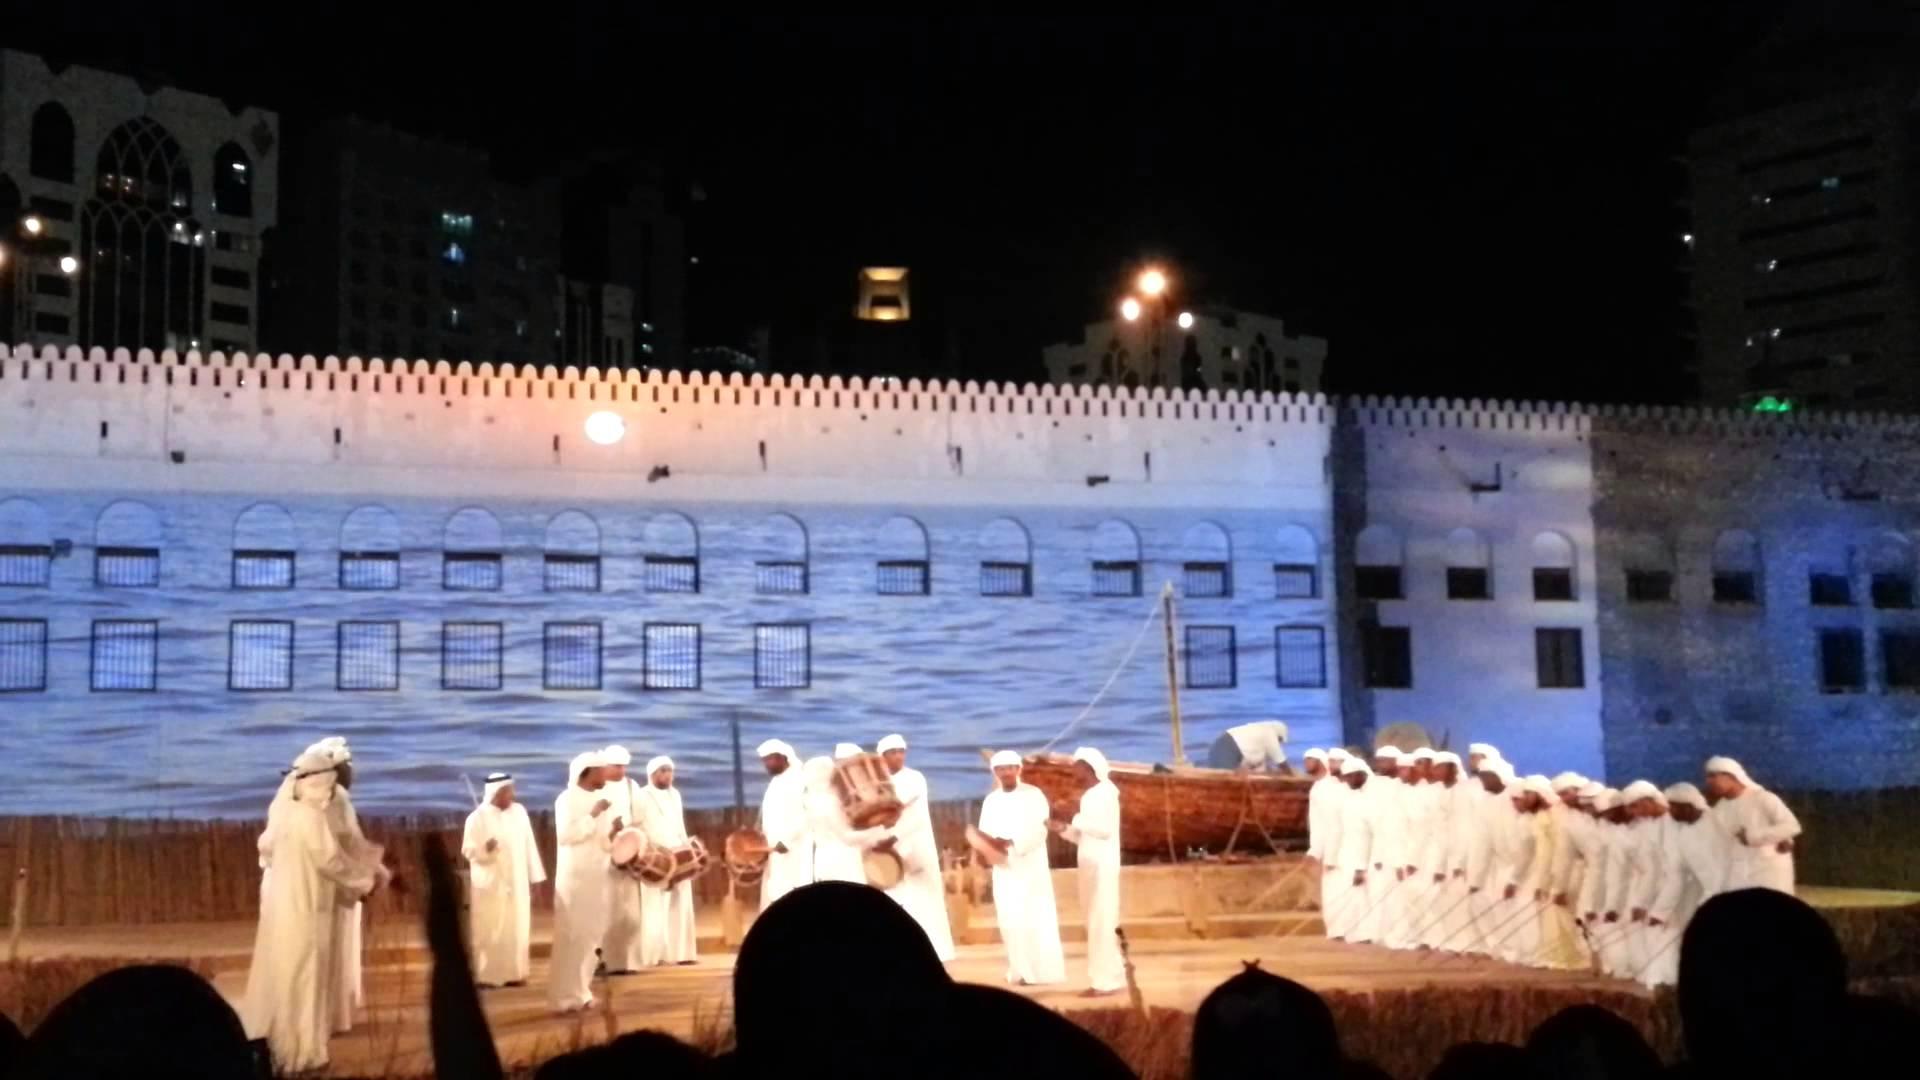 افضل الانشطة فى قصر الحصن ابوظبي الامارات | قصر الحصن فى الامارات